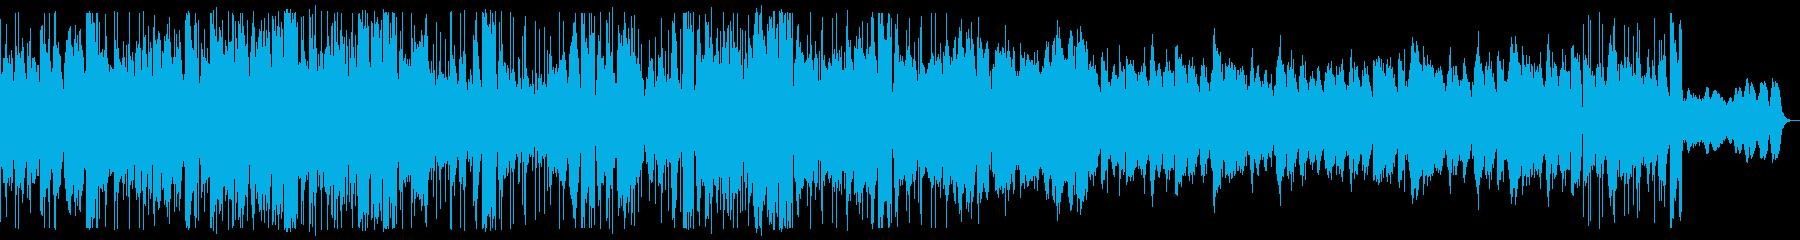 おしゃれなフォークトロニカの再生済みの波形